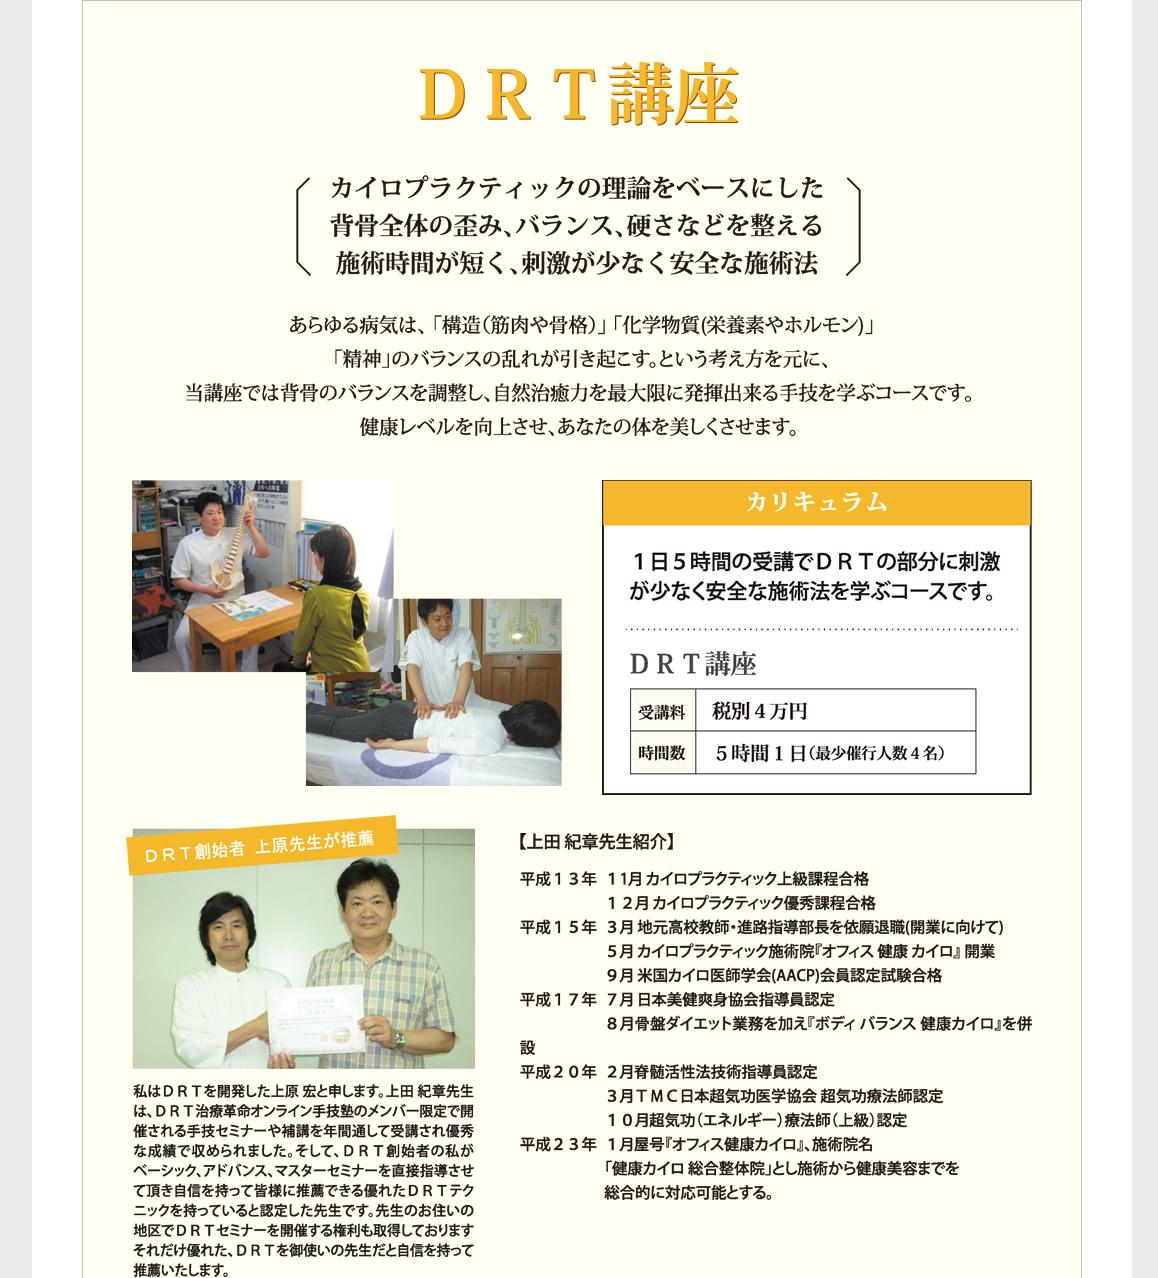 DRT講座